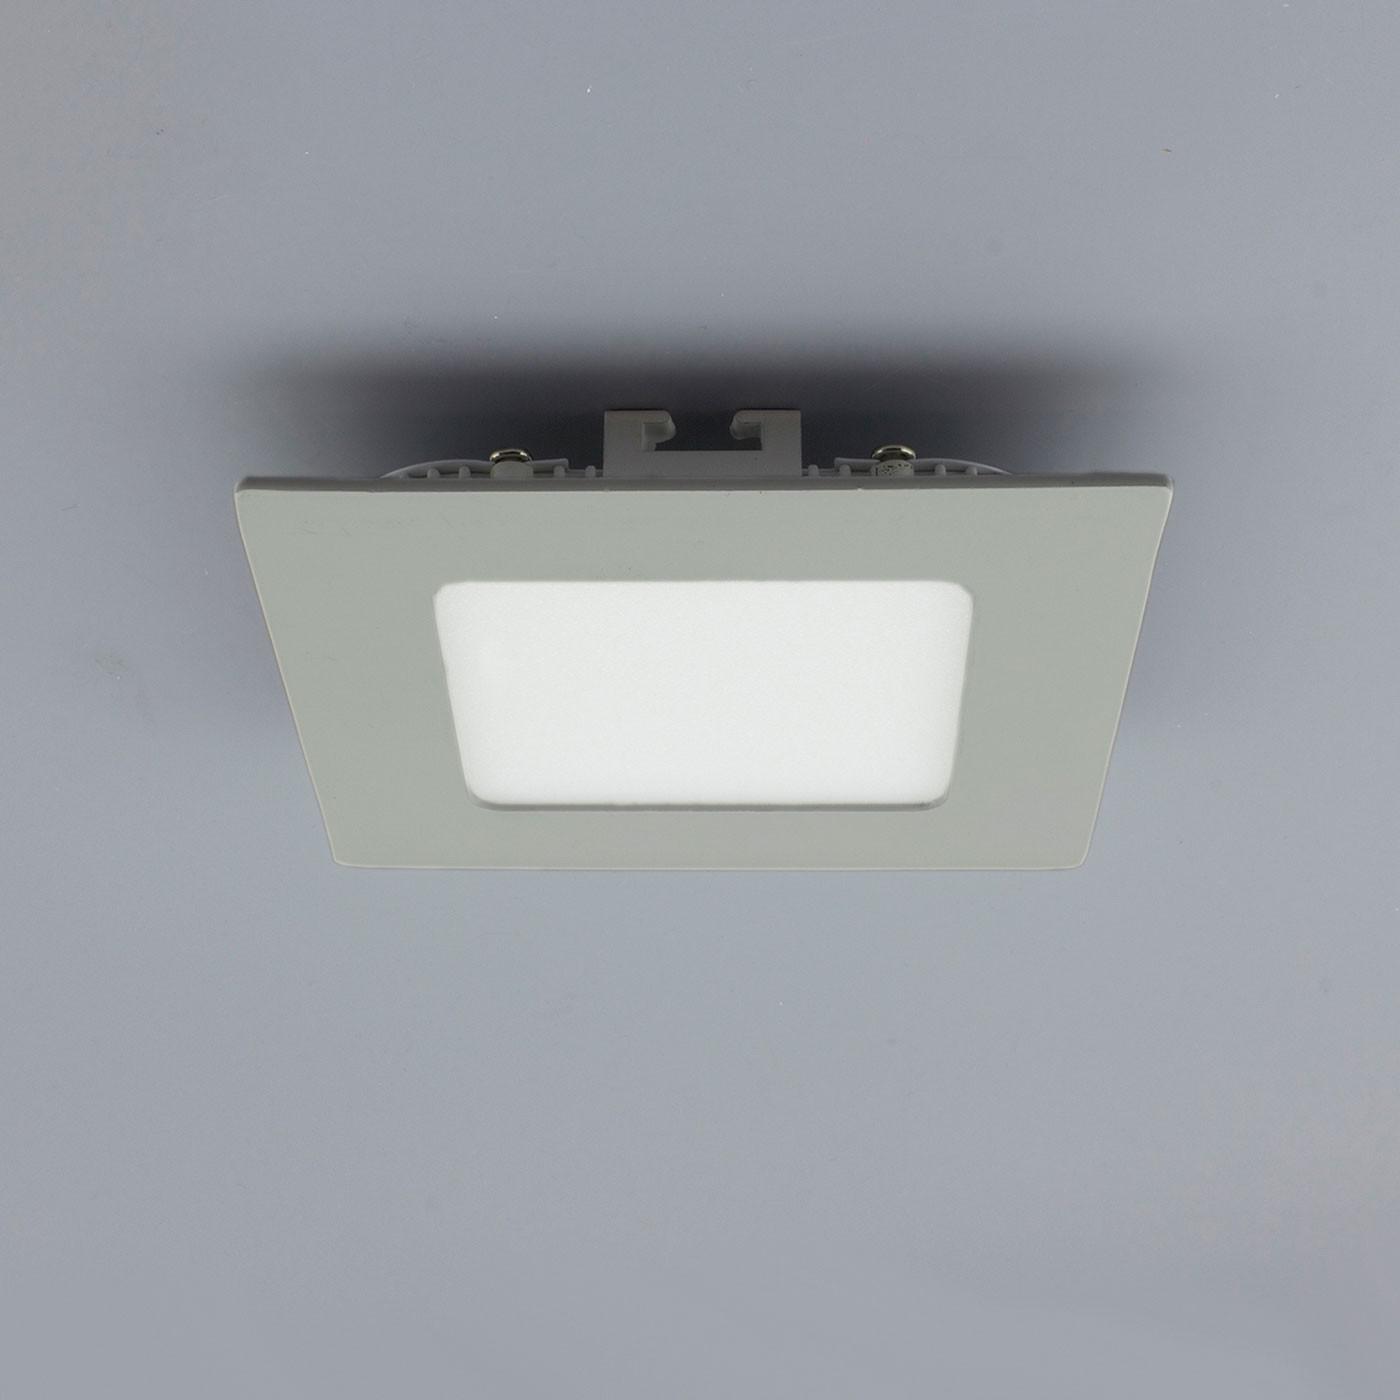 licht design 30838 einbau led panel 200 lumen dimmbar 9x9 cm warm silber kaufen bei. Black Bedroom Furniture Sets. Home Design Ideas